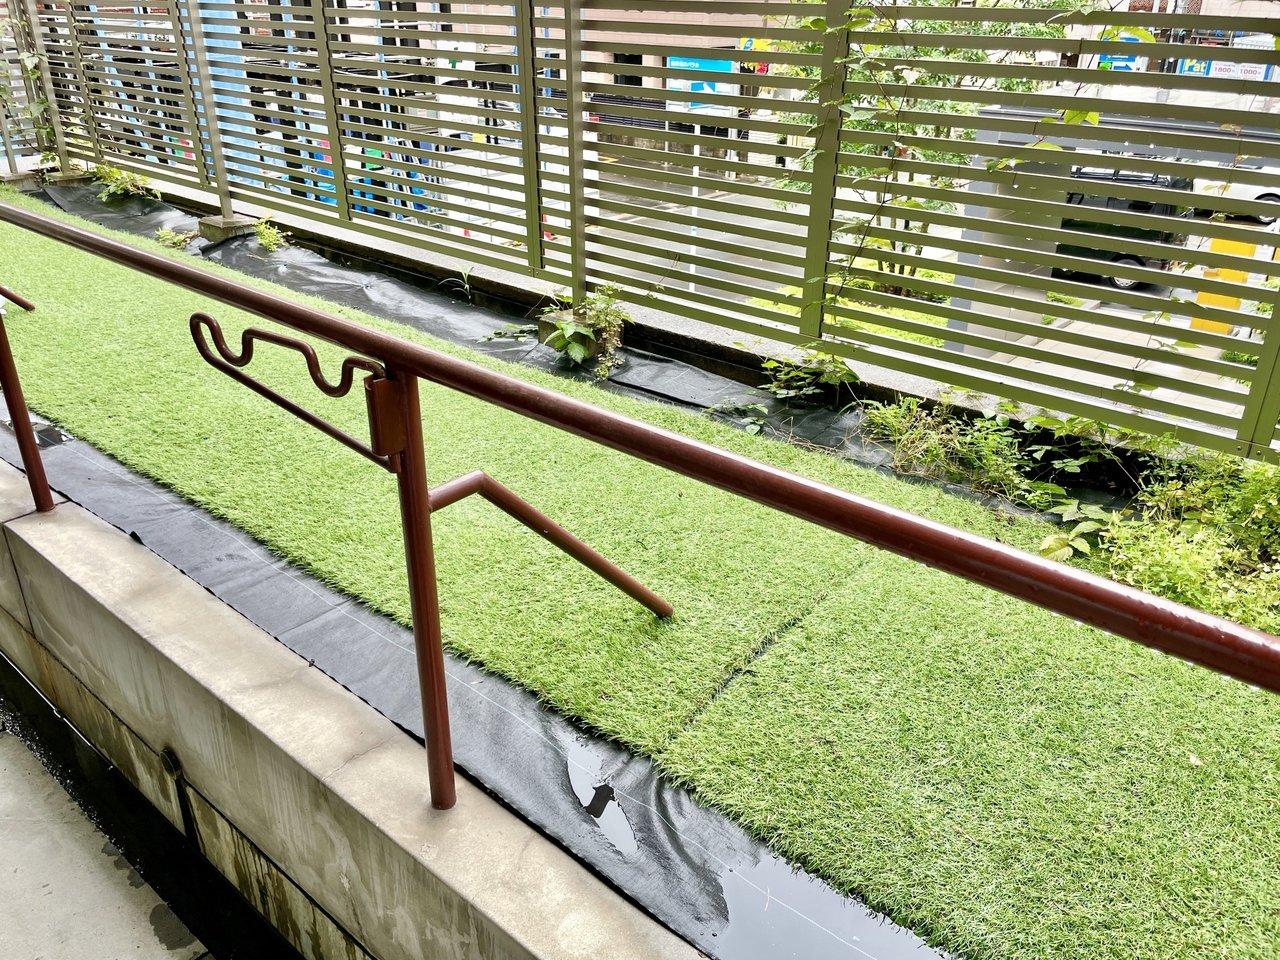 広いバルコニーは目の前に芝と緑が植わってて、周辺がビルでもほっこりしちゃいます。洗濯物を干す場所には屋根がかかっているところも、使い勝手が良さそうです。